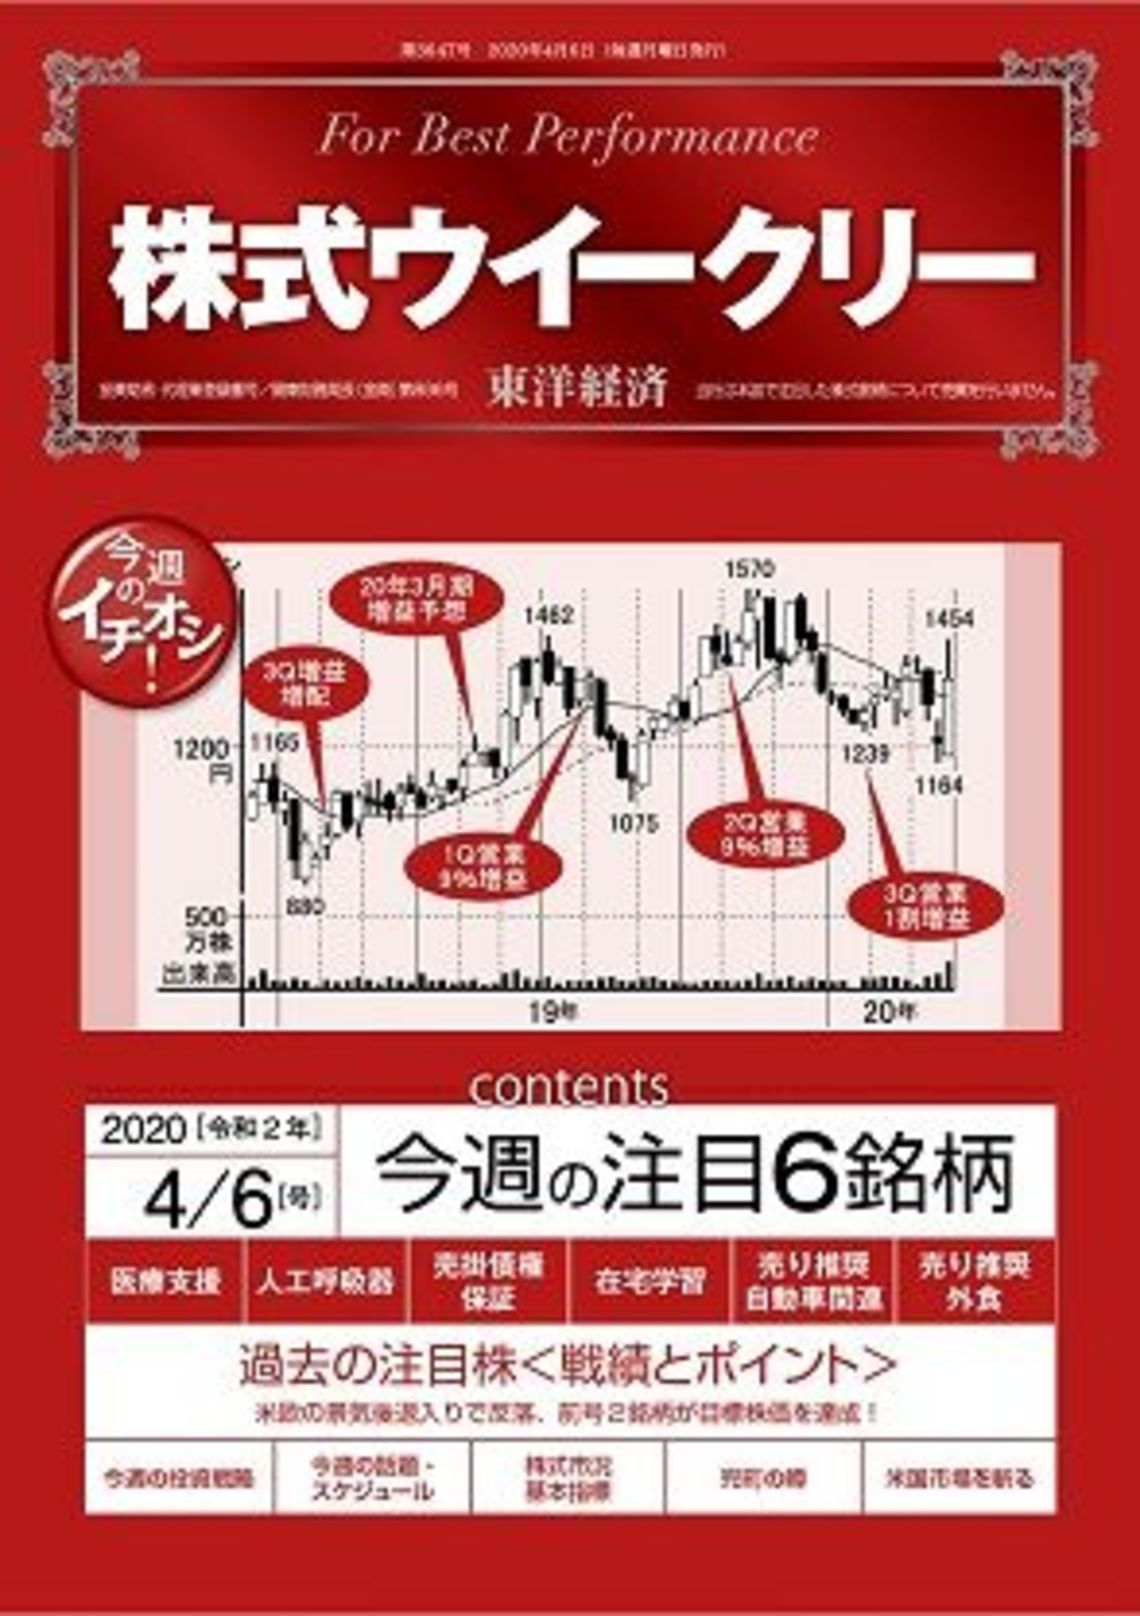 の 株価 東日本 jr